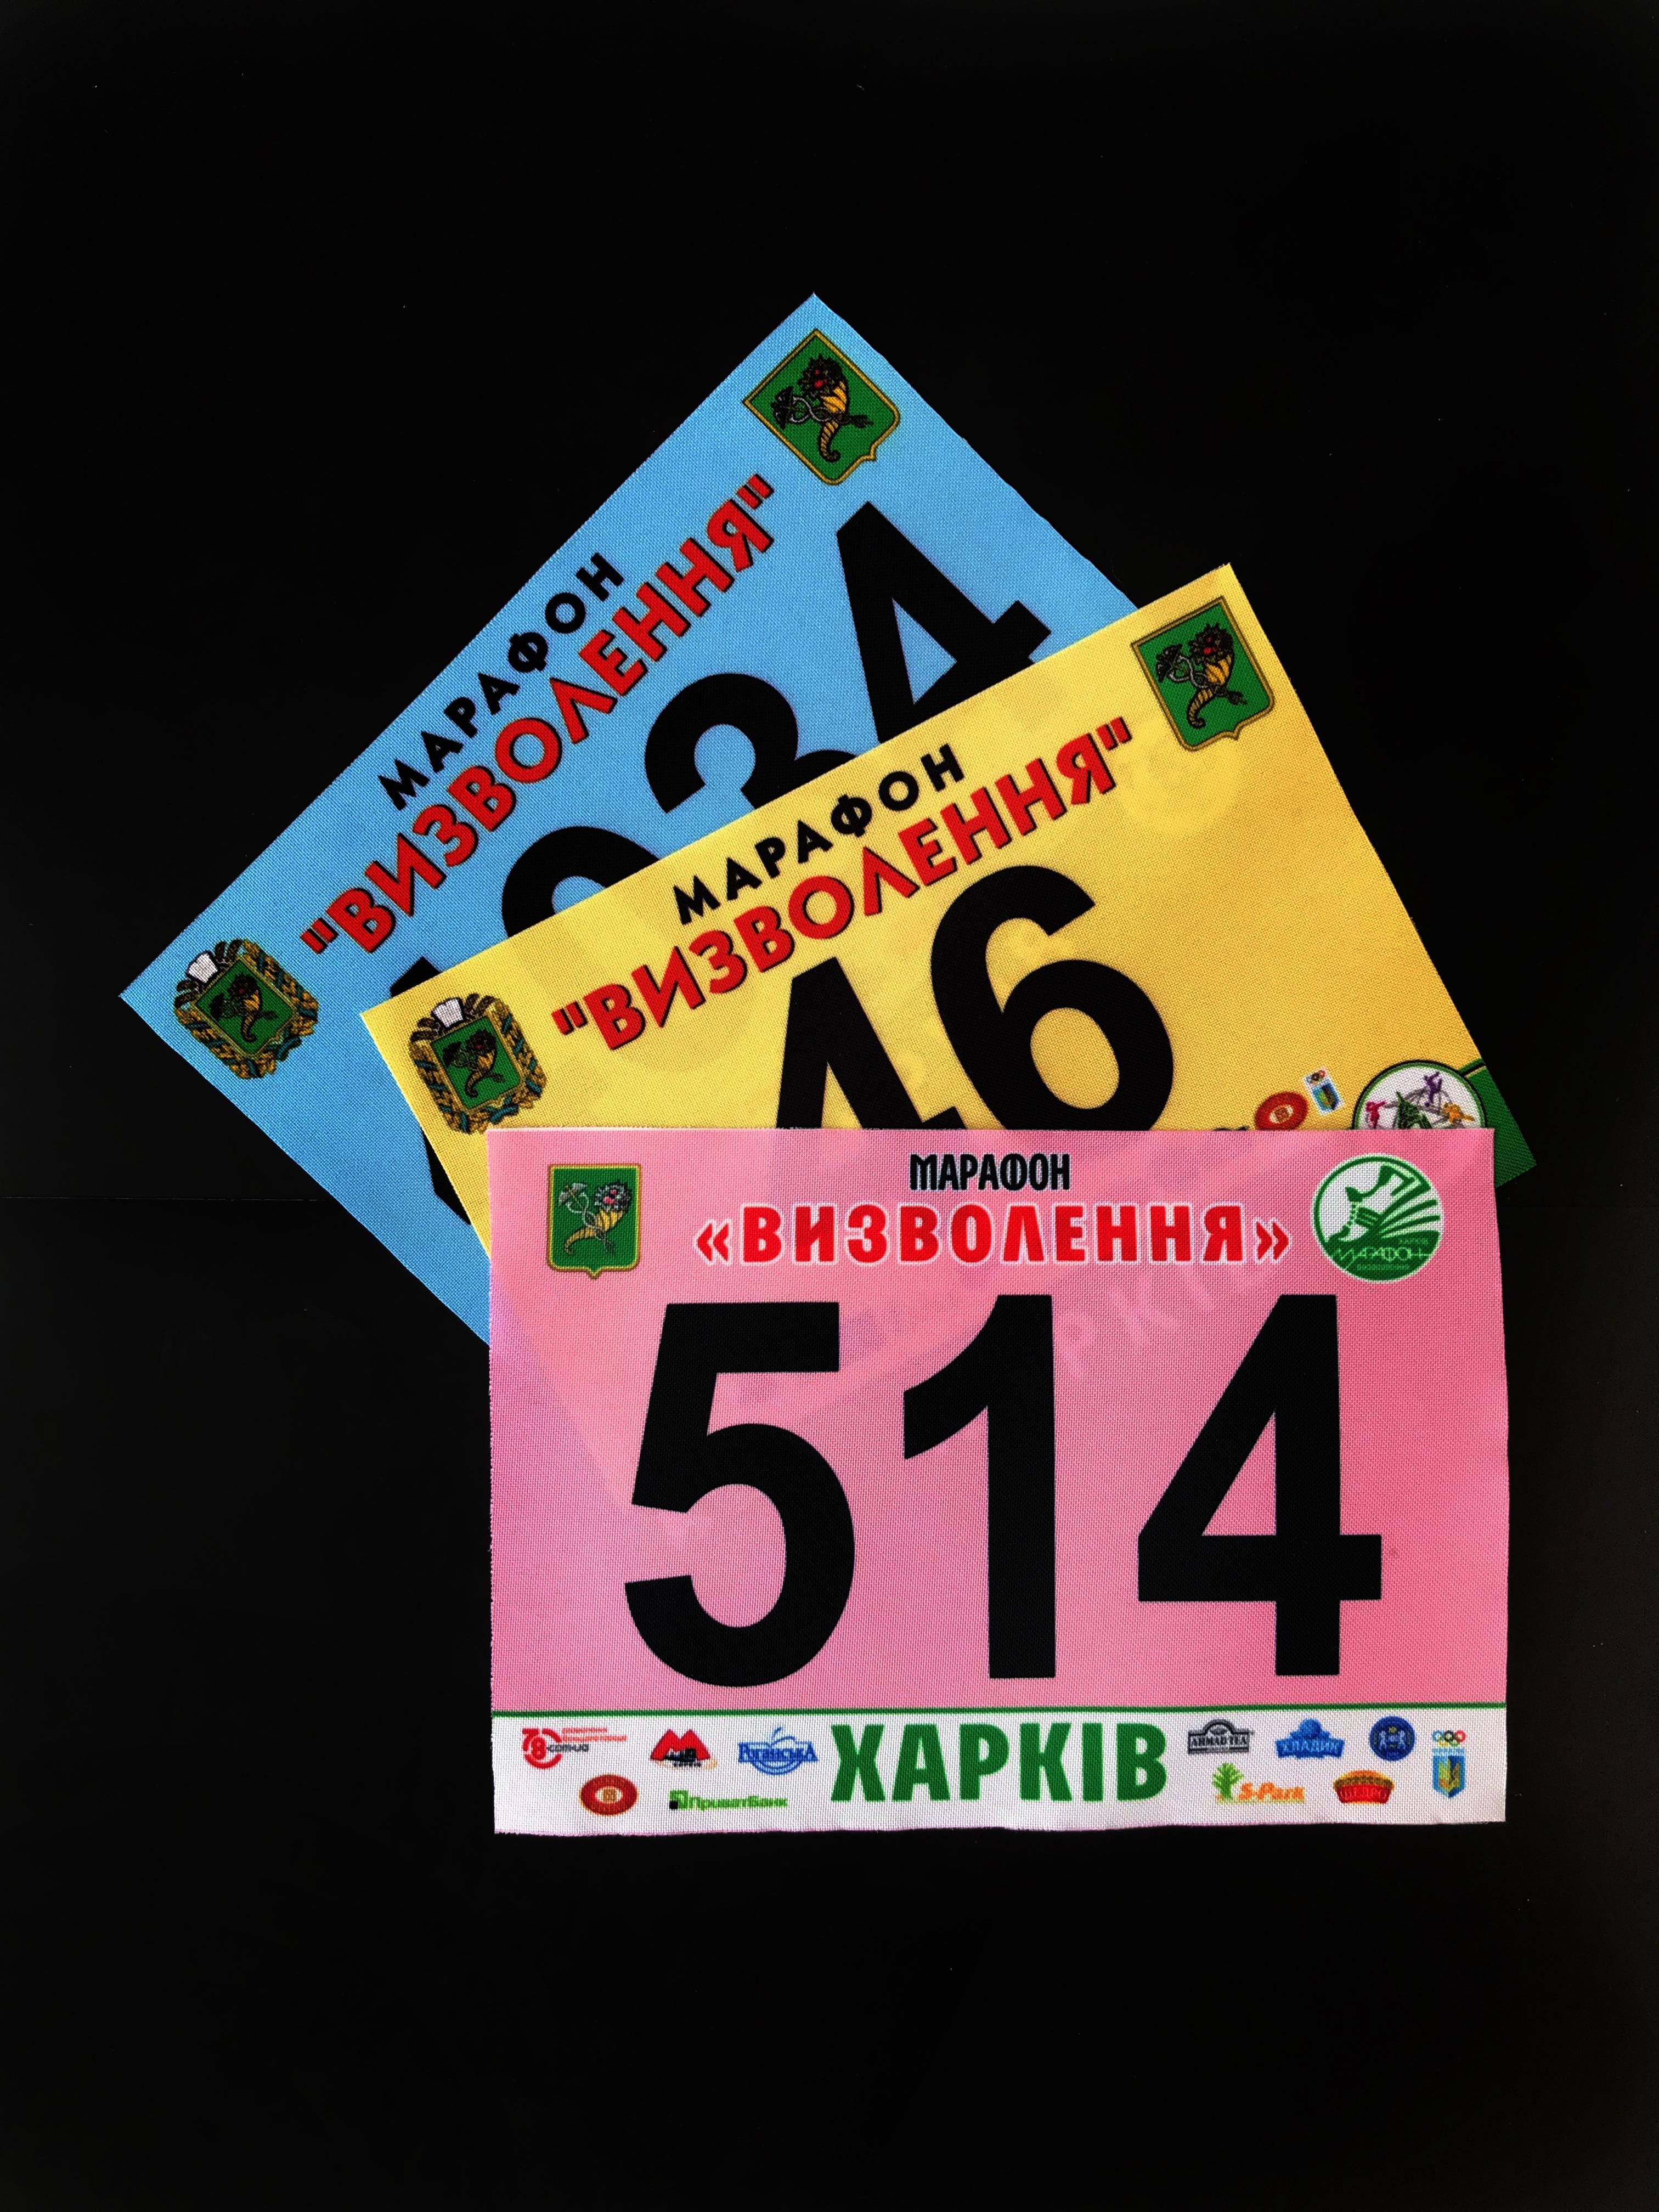 lazhok_kosynka